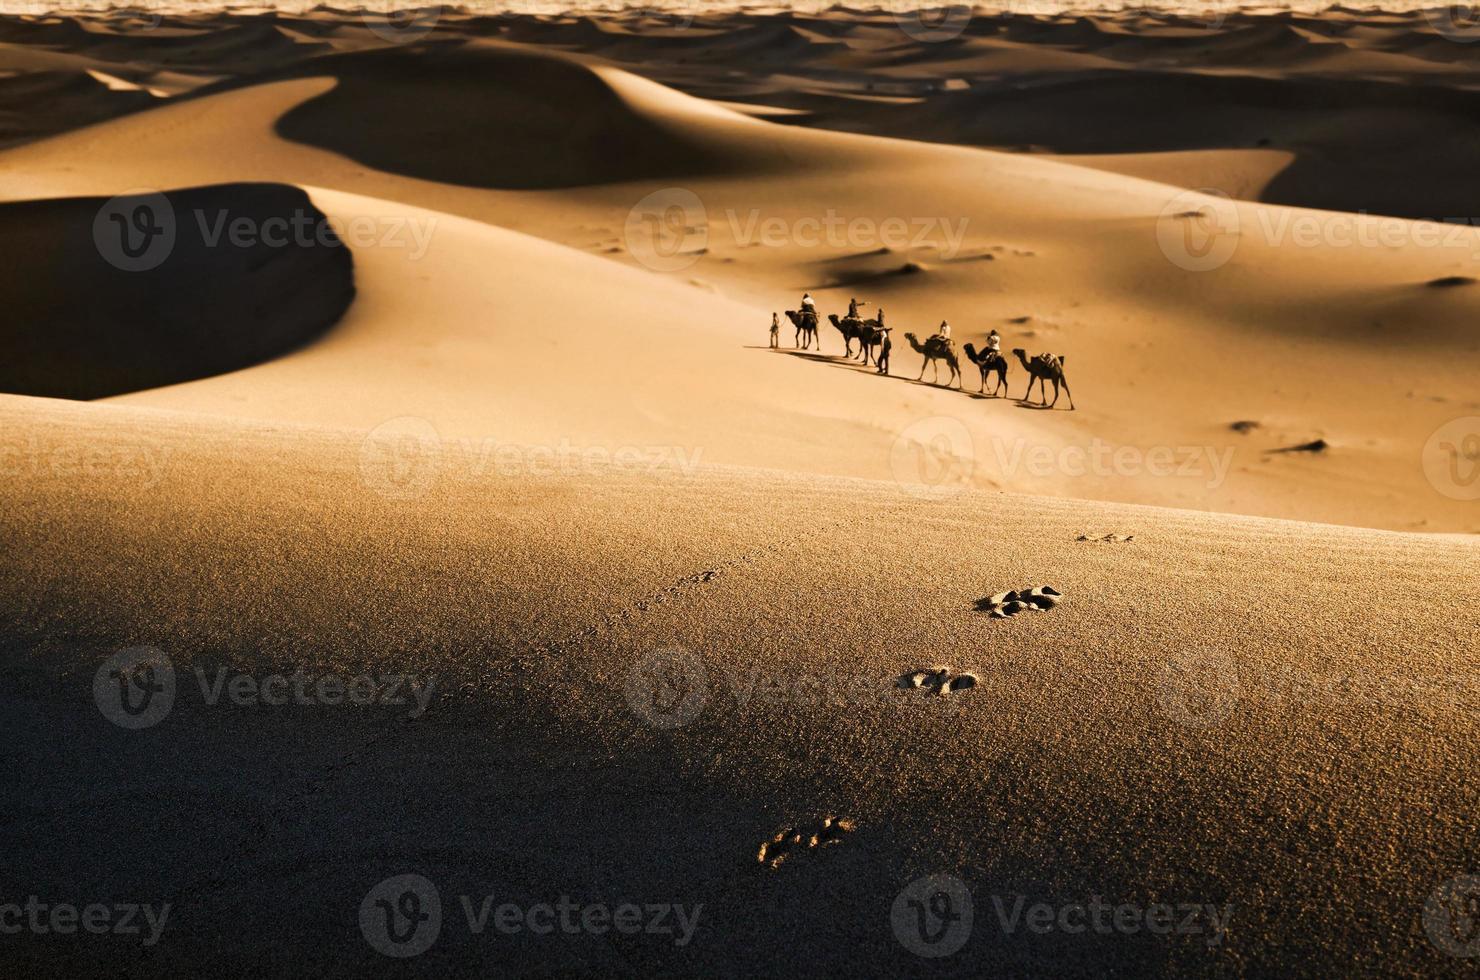 Karawane in der Wüste foto